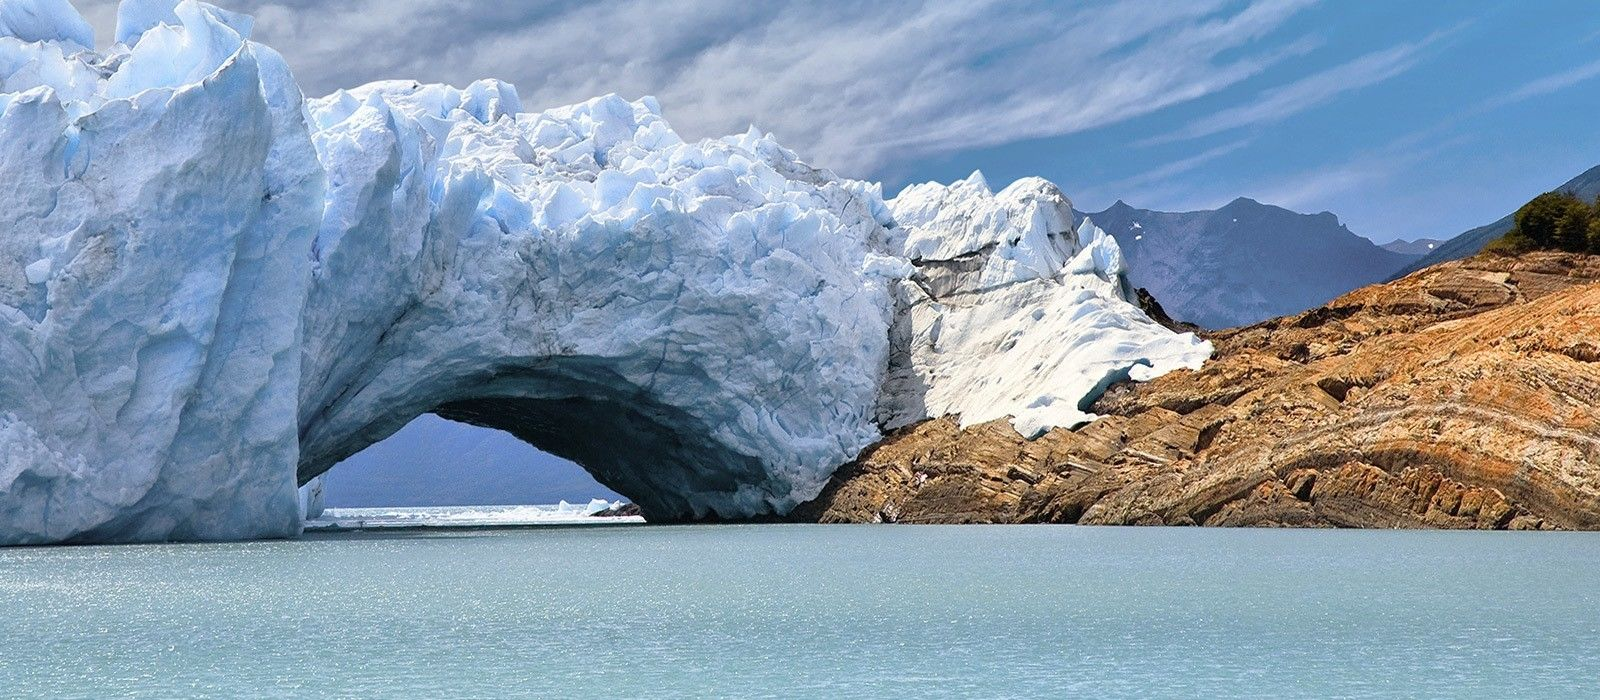 Wanderreise in Patagonien Urlaub 6